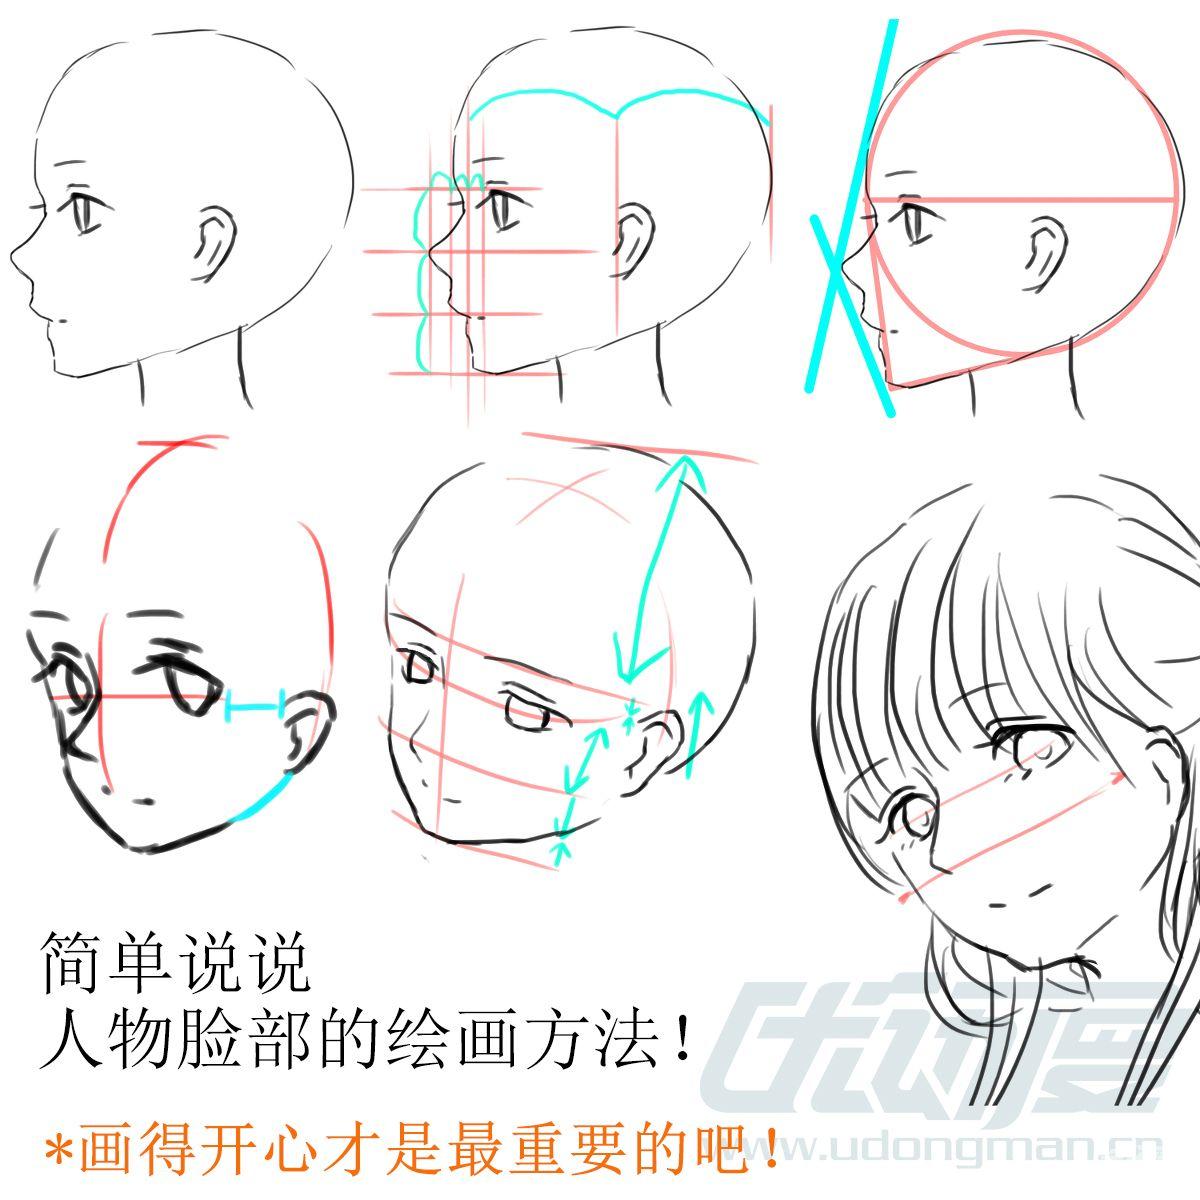 日漫脸型画法_从各角度绘制人物的脸部-优动漫动漫创作支援平台